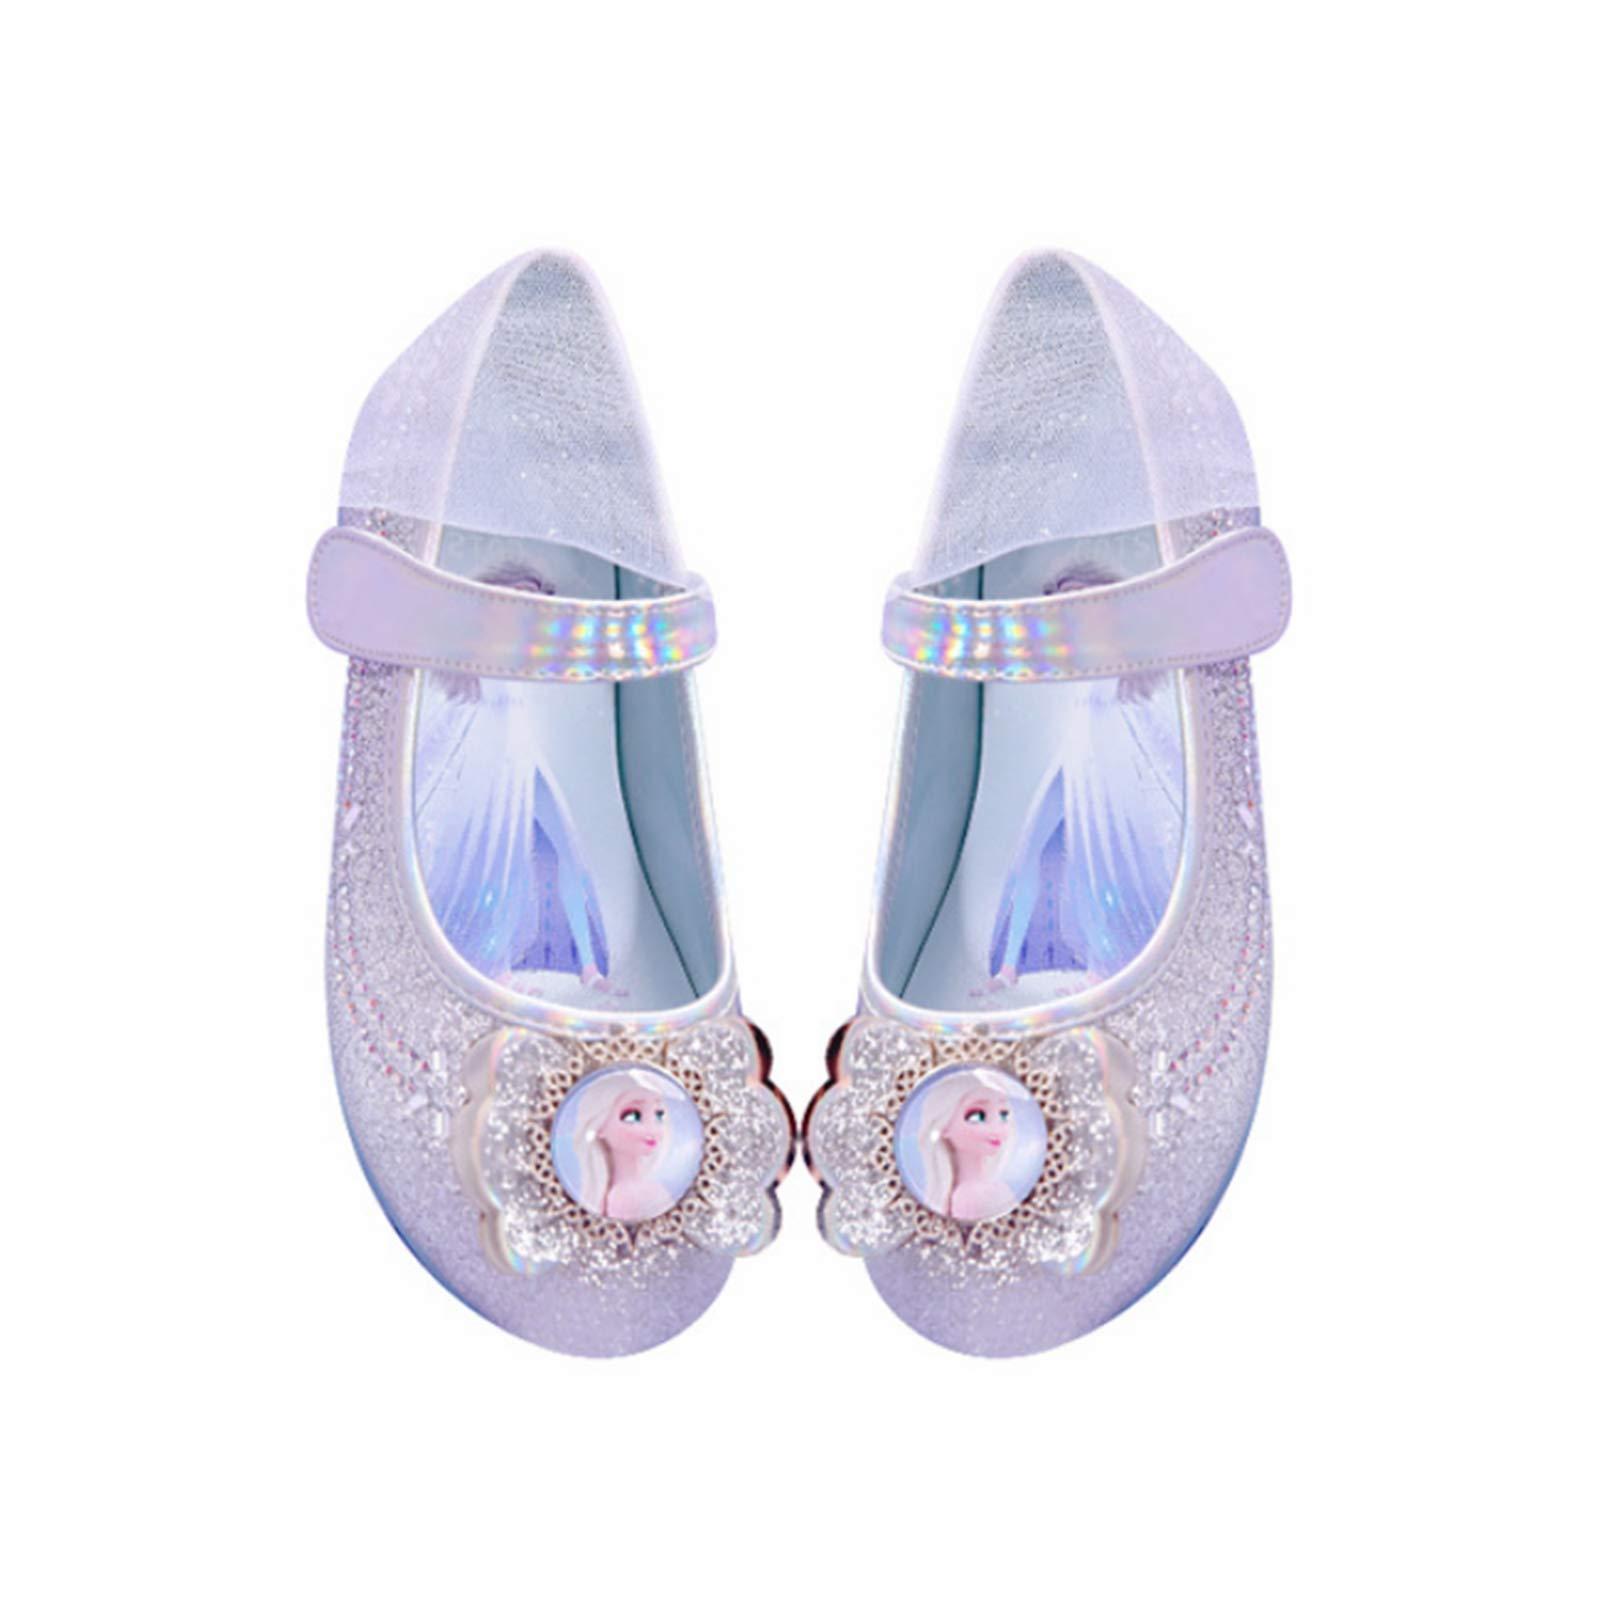 Ramonala Fille Talons Plats Chaussures de Princesse Elsa Reine des Neiges Paillettes Cristal Haute Qualité Cosplay Argent Doux Halloween Noël Anniversaire Carnaval Déguisement Chaussures de Danse